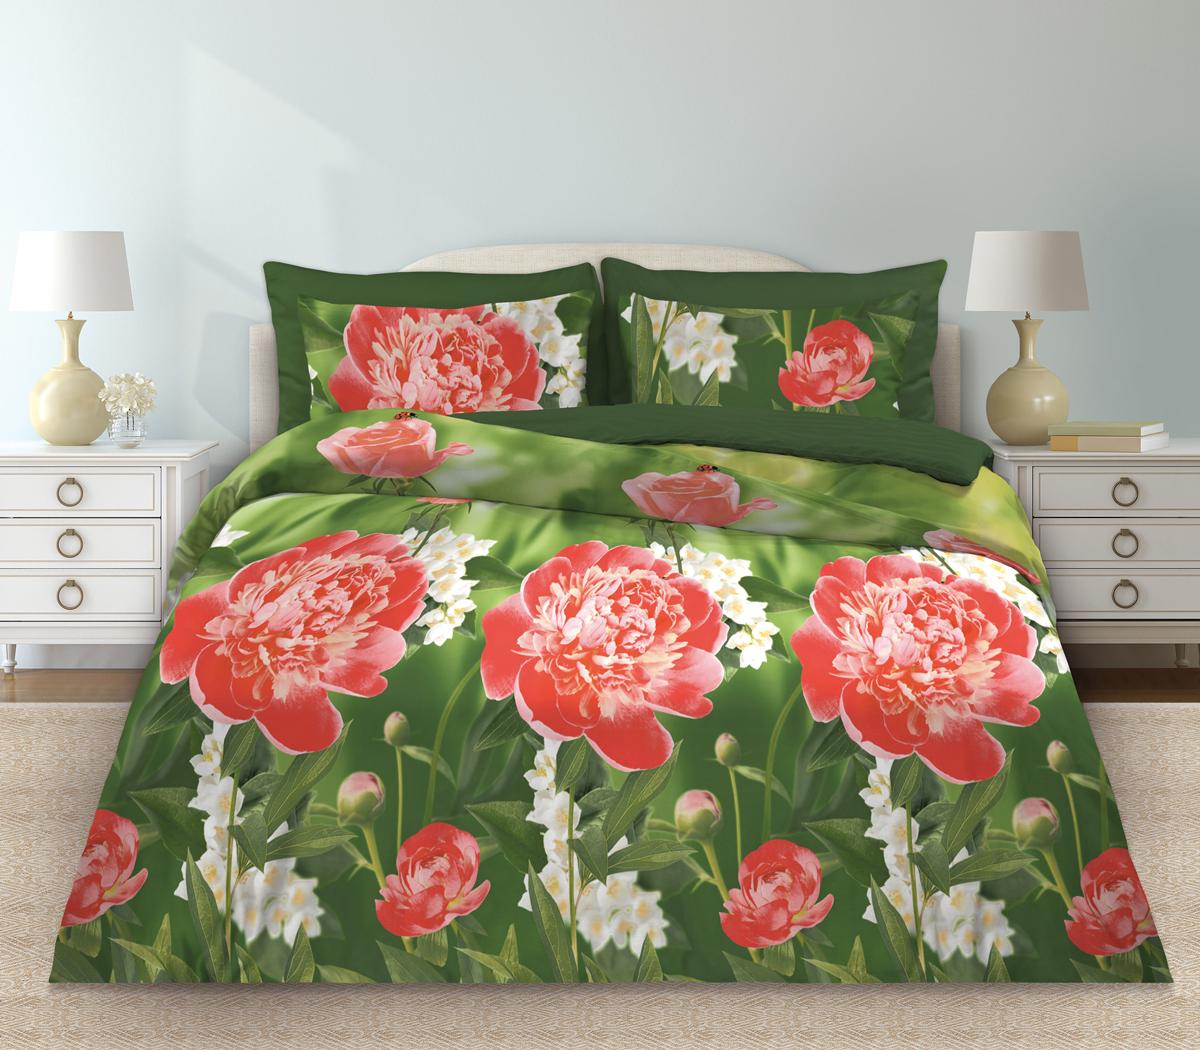 Комплект белья Любимый дом Пионы, 1,5-спальный, наволочки 70х70331088Комплект постельного белья коллекции Любимый дом выполнен из высококачественной ткани - из 100% хлопка. Такое белье абсолютно натуральное, гипоаллергенное, соответствует строжайшим экологическим нормам безопасности, комфортное, дышащее, не нарушает естественные процессы терморегуляции, прочное, не линяет, не деформируется и не теряет своих красок даже после многочисленных стирок, а также отличается хорошей износостойкостью.